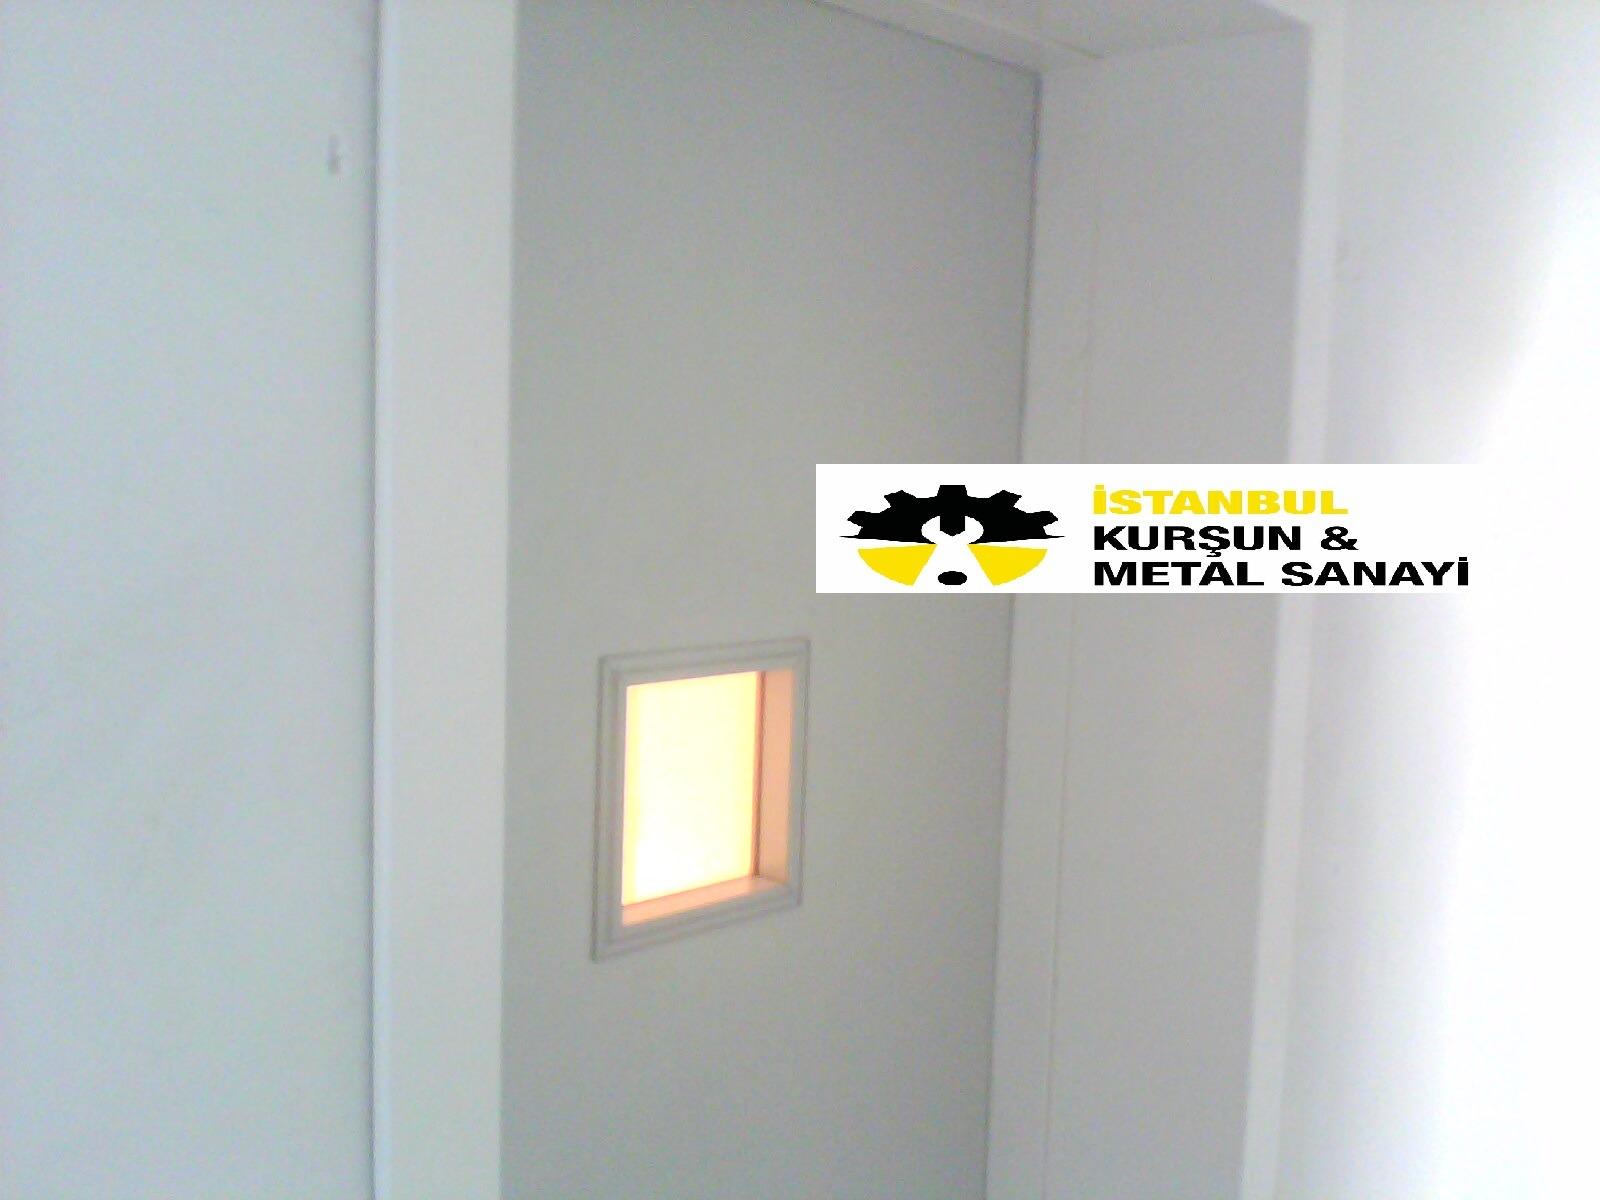 radyoloji odasi kursun kapi